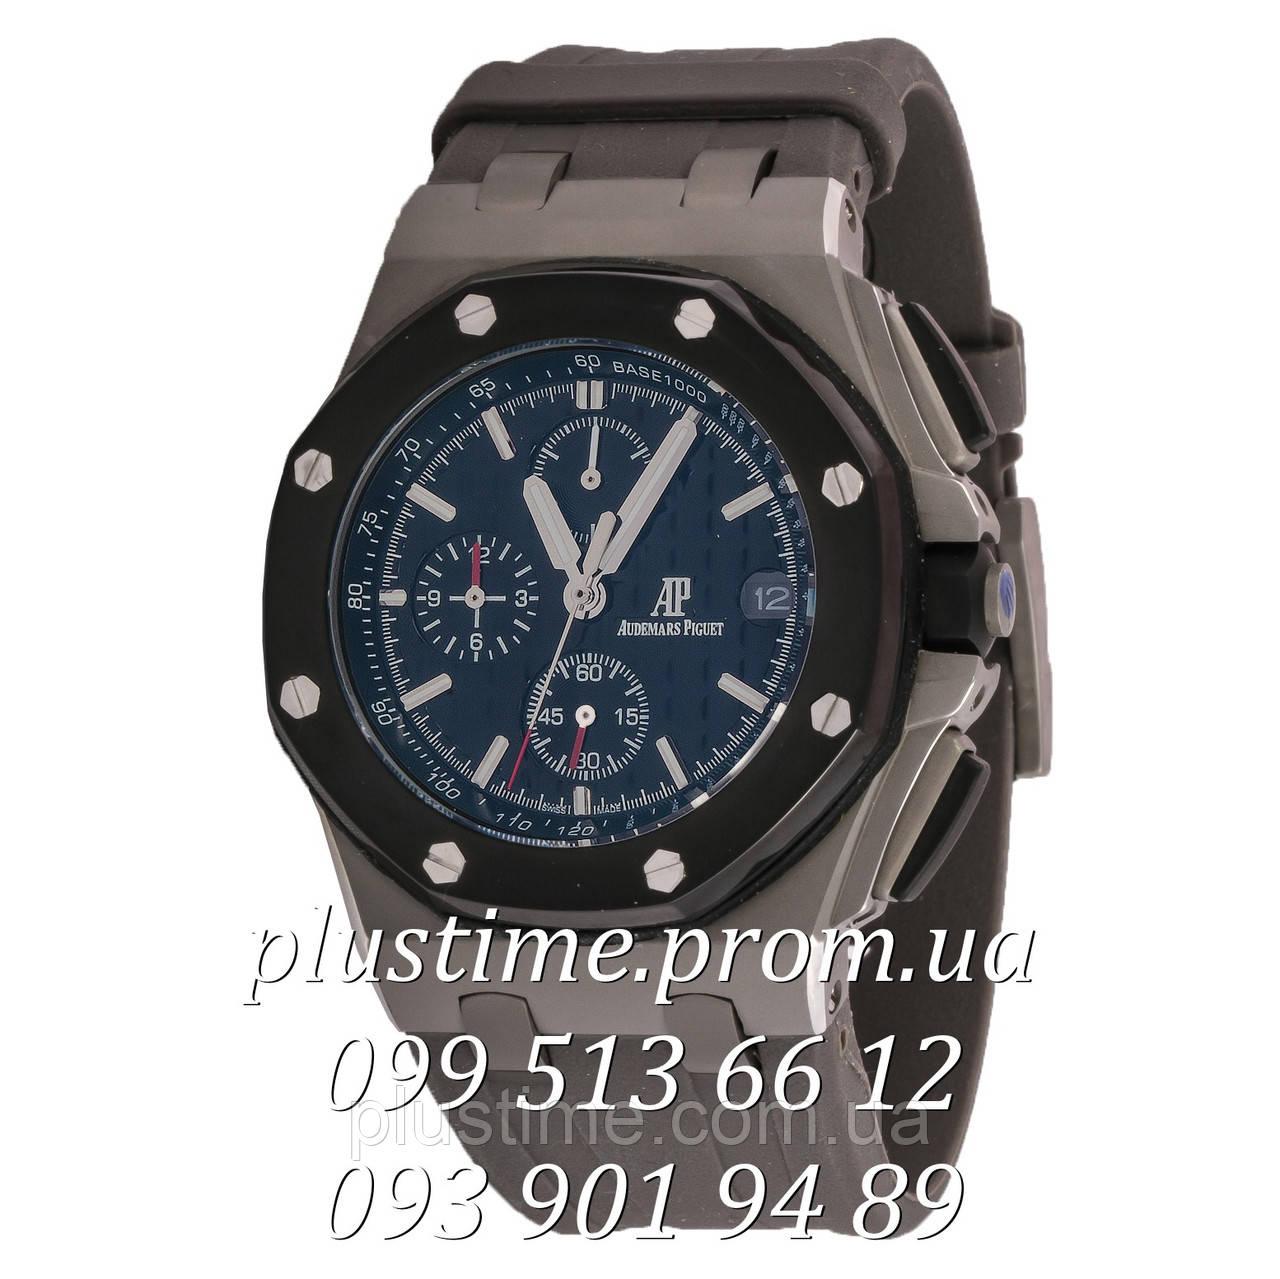 30775115adef Часы мужские Audemars Piguet Royal Oak AAA класса , цена 4 230 грн ...